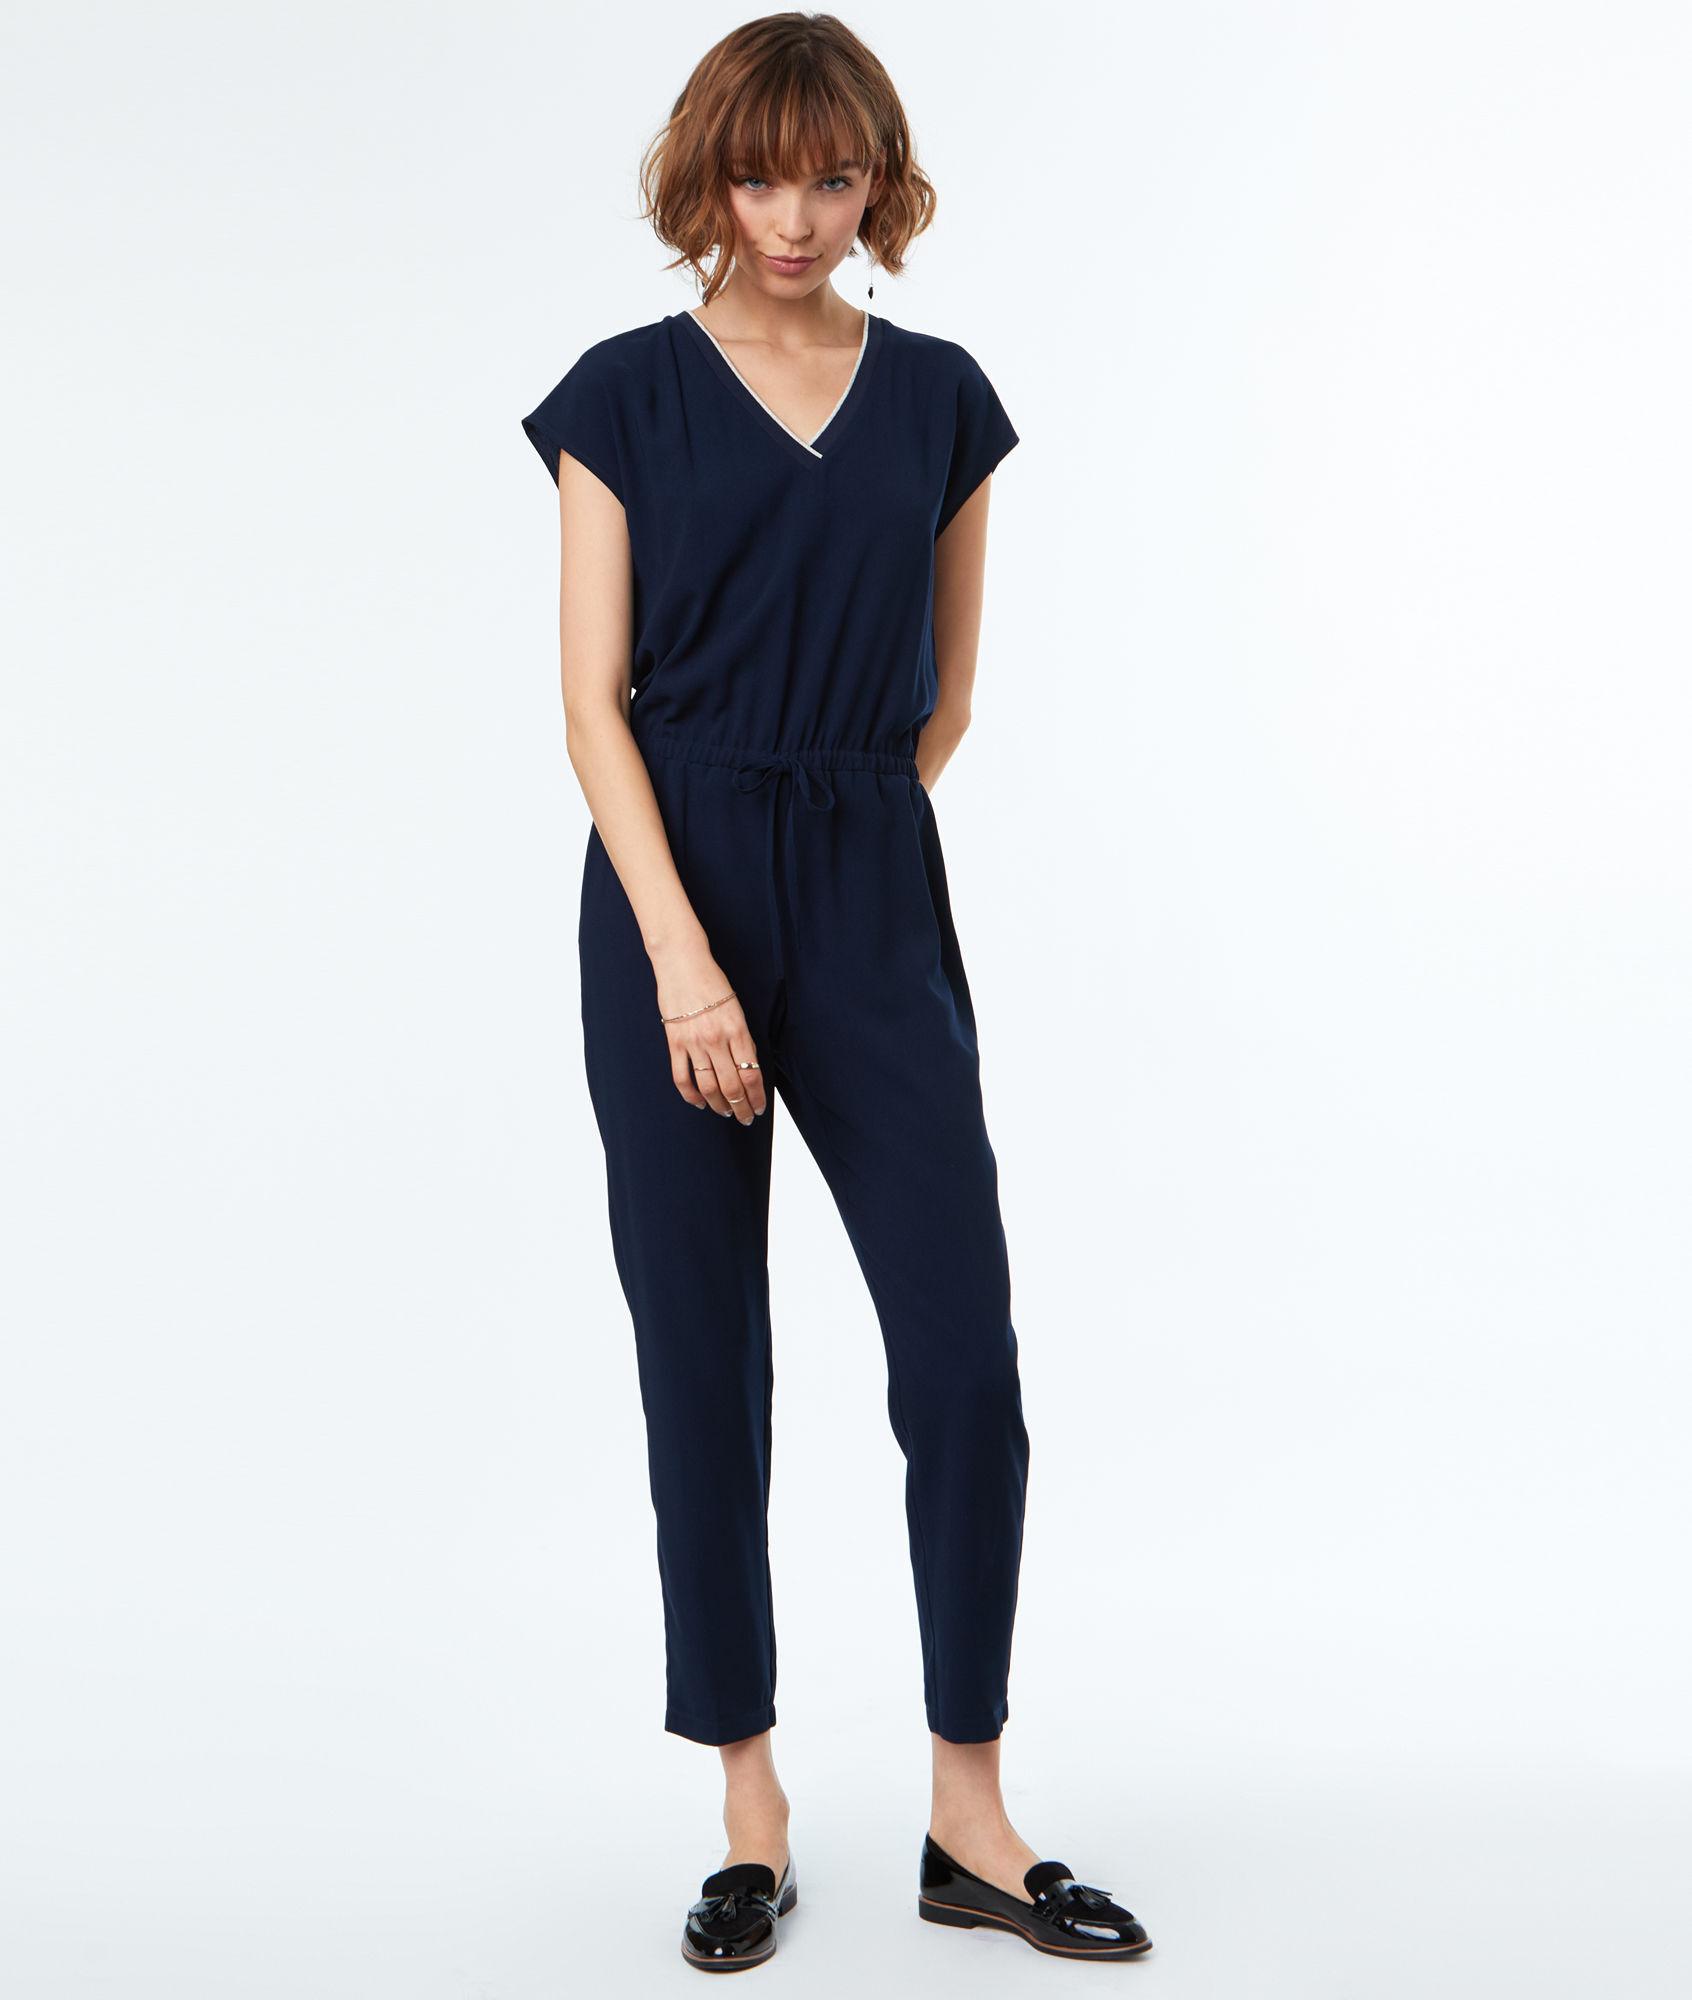 marque célèbre qualité supérieure élégant et gracieux Combinaison habillée - Robes & jupes - Prêt-à-porter - Prix minis - Outlet